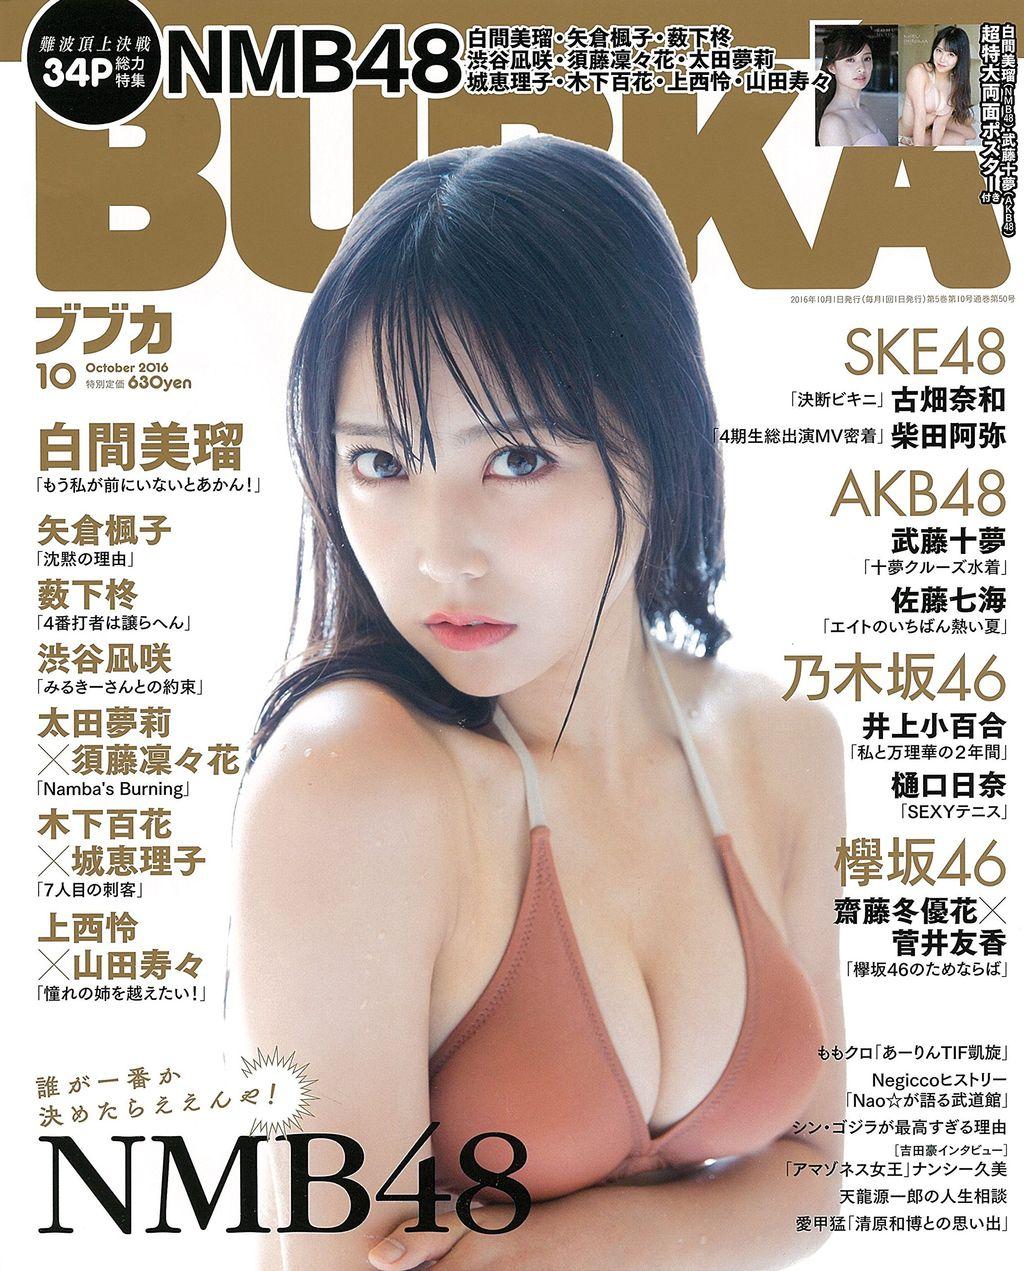 【ブブカ】白間美瑠のおっぱいゴイゴイスー